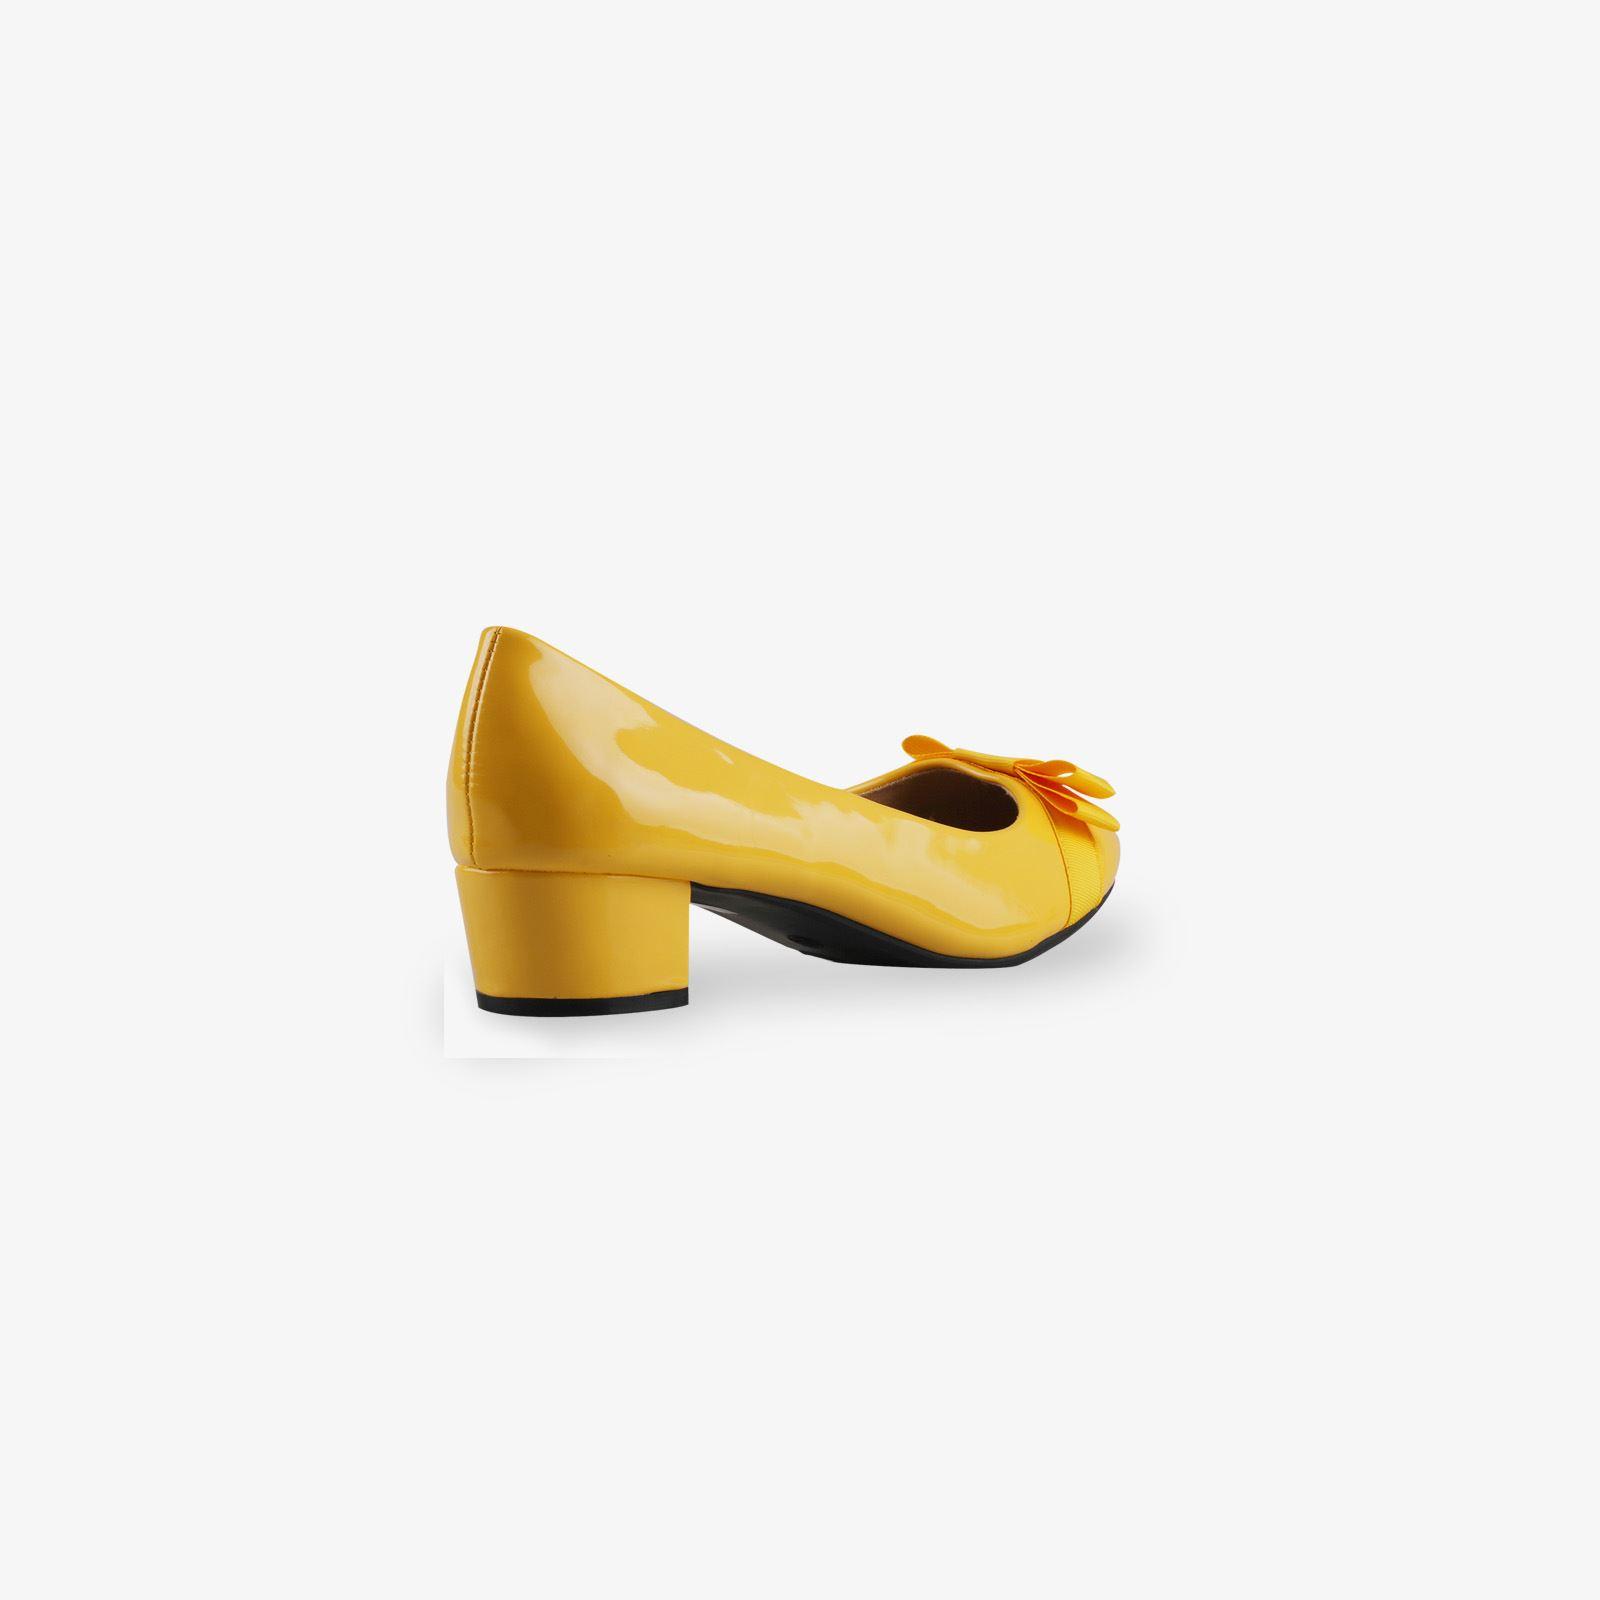 Damen-Elegante-Absatzschuhe-Hochlganz-Pumps-Blockabsatz-Ballerina-Schuhe-Chic Indexbild 9